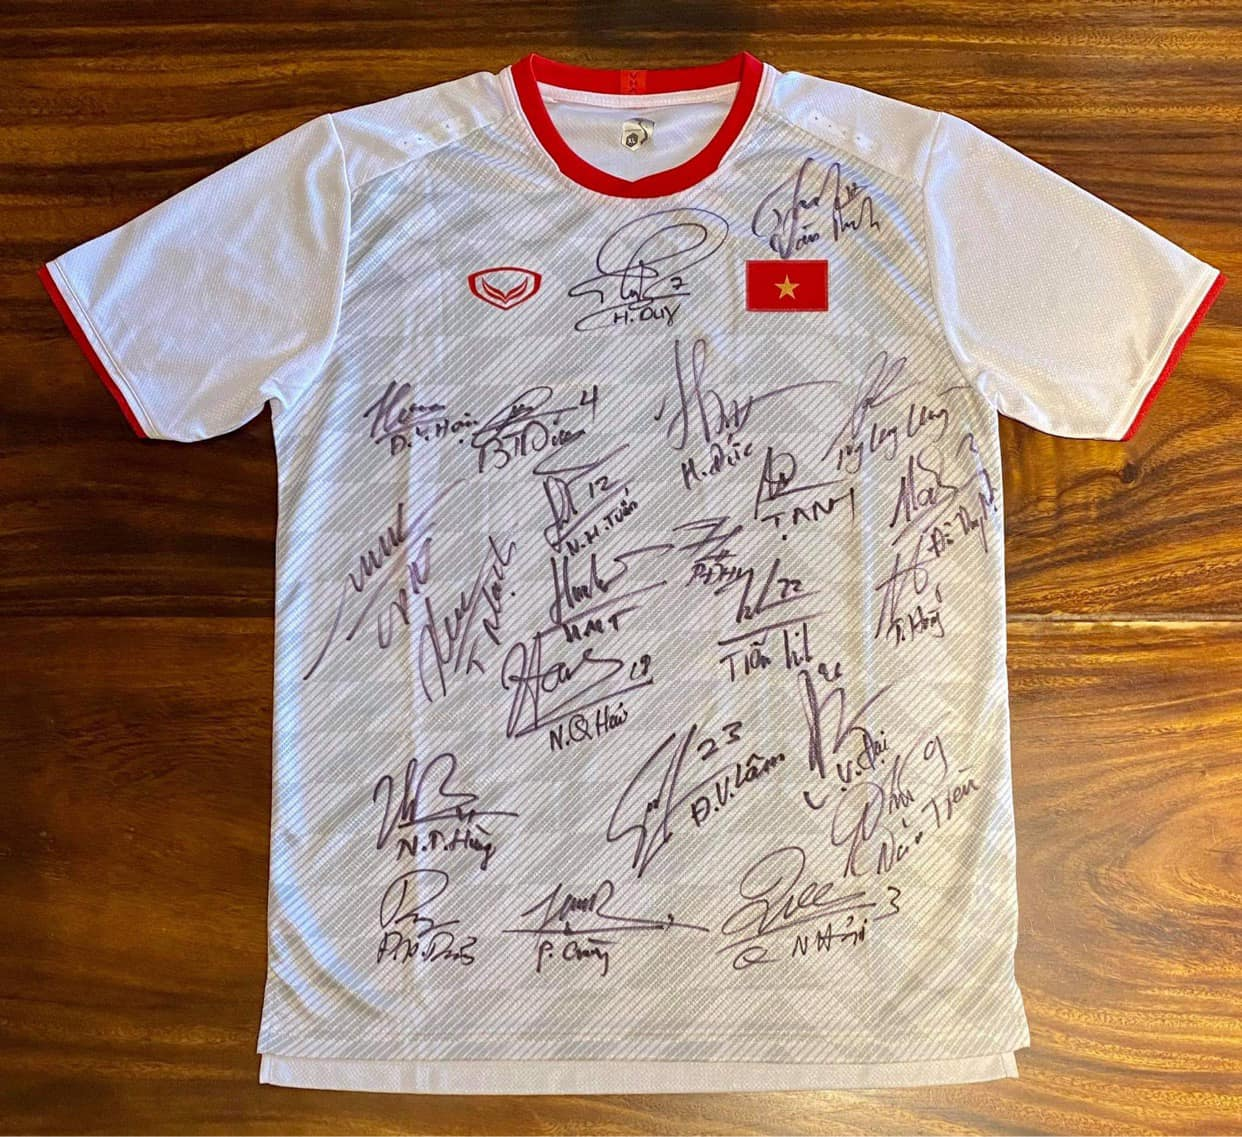 2 chiếc áo của tuyển thủ Việt Nam được Gia Lâm đấu giá để ủng hộ miền Trung.